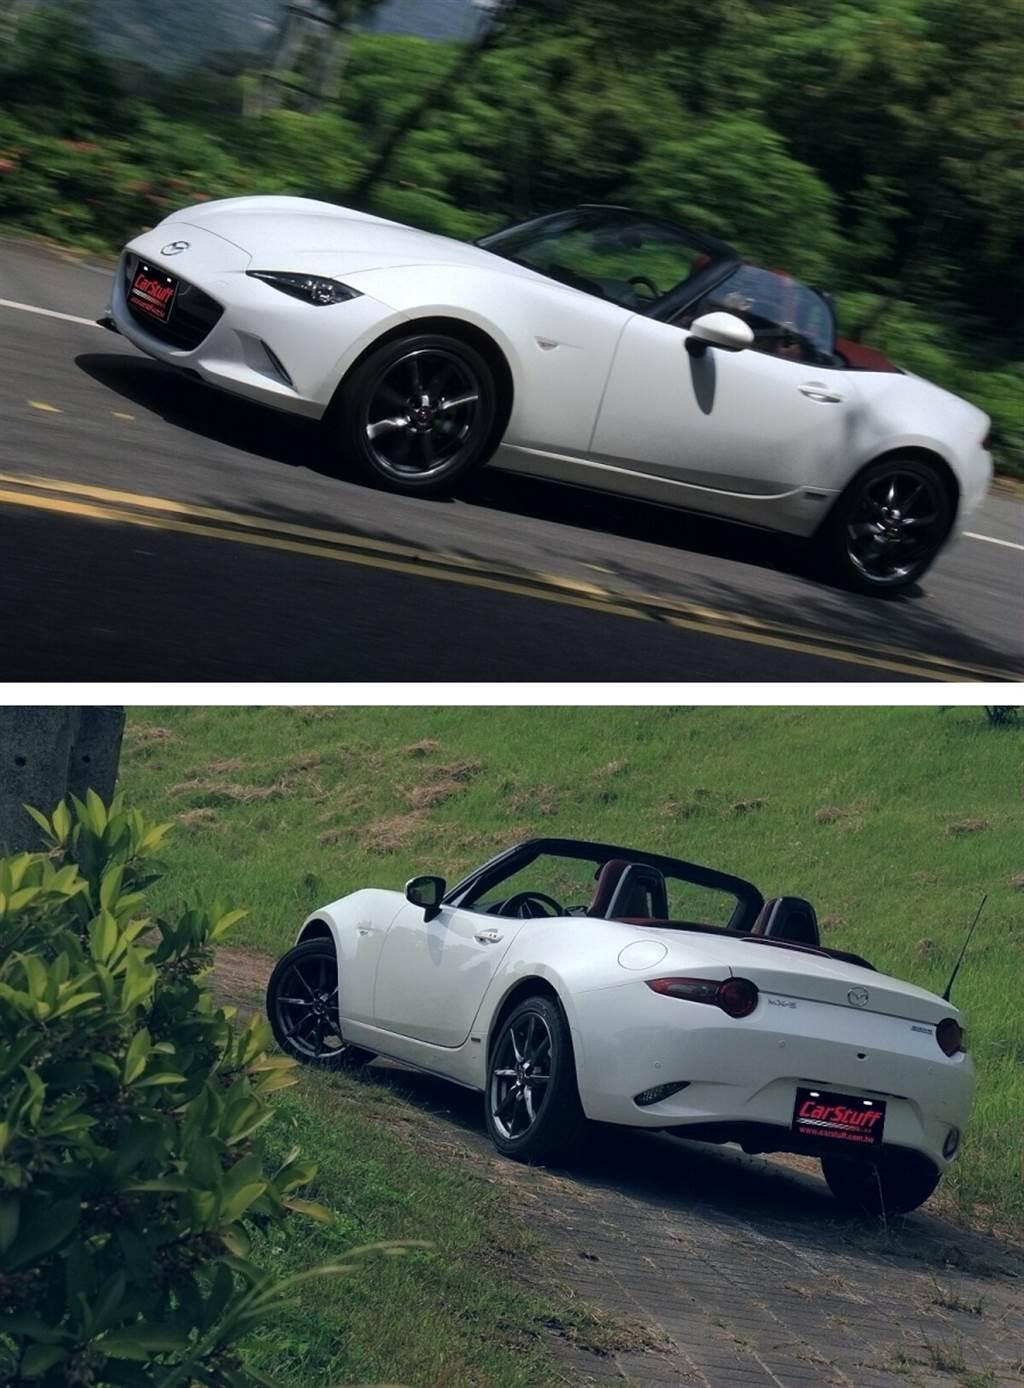 100週年紀念版MX-5的內外配色,是以Mazda第一款四輪市售車R360 Coupe當時最受歡迎的配色為概念,外觀以紅色和白色搭配表達「挑戰」的傳統,配置了專屬的酒紅色軟篷,同時在輪圈、葉子板上貼上「1920-2020」與「Mazda 百週年紀念廠徽」。至於內裝地毯、Nappa真皮座椅與細部配色上,則使用目前相當受到歡迎的勃根地紅(酒紅)搭配躍雪白車色,並且在座椅上打上100週年特別標誌來顯現不同之處。而每台紀念車的晶片鑰匙也採用了專屬「Mazda 百週年紀念廠徽」的設計。